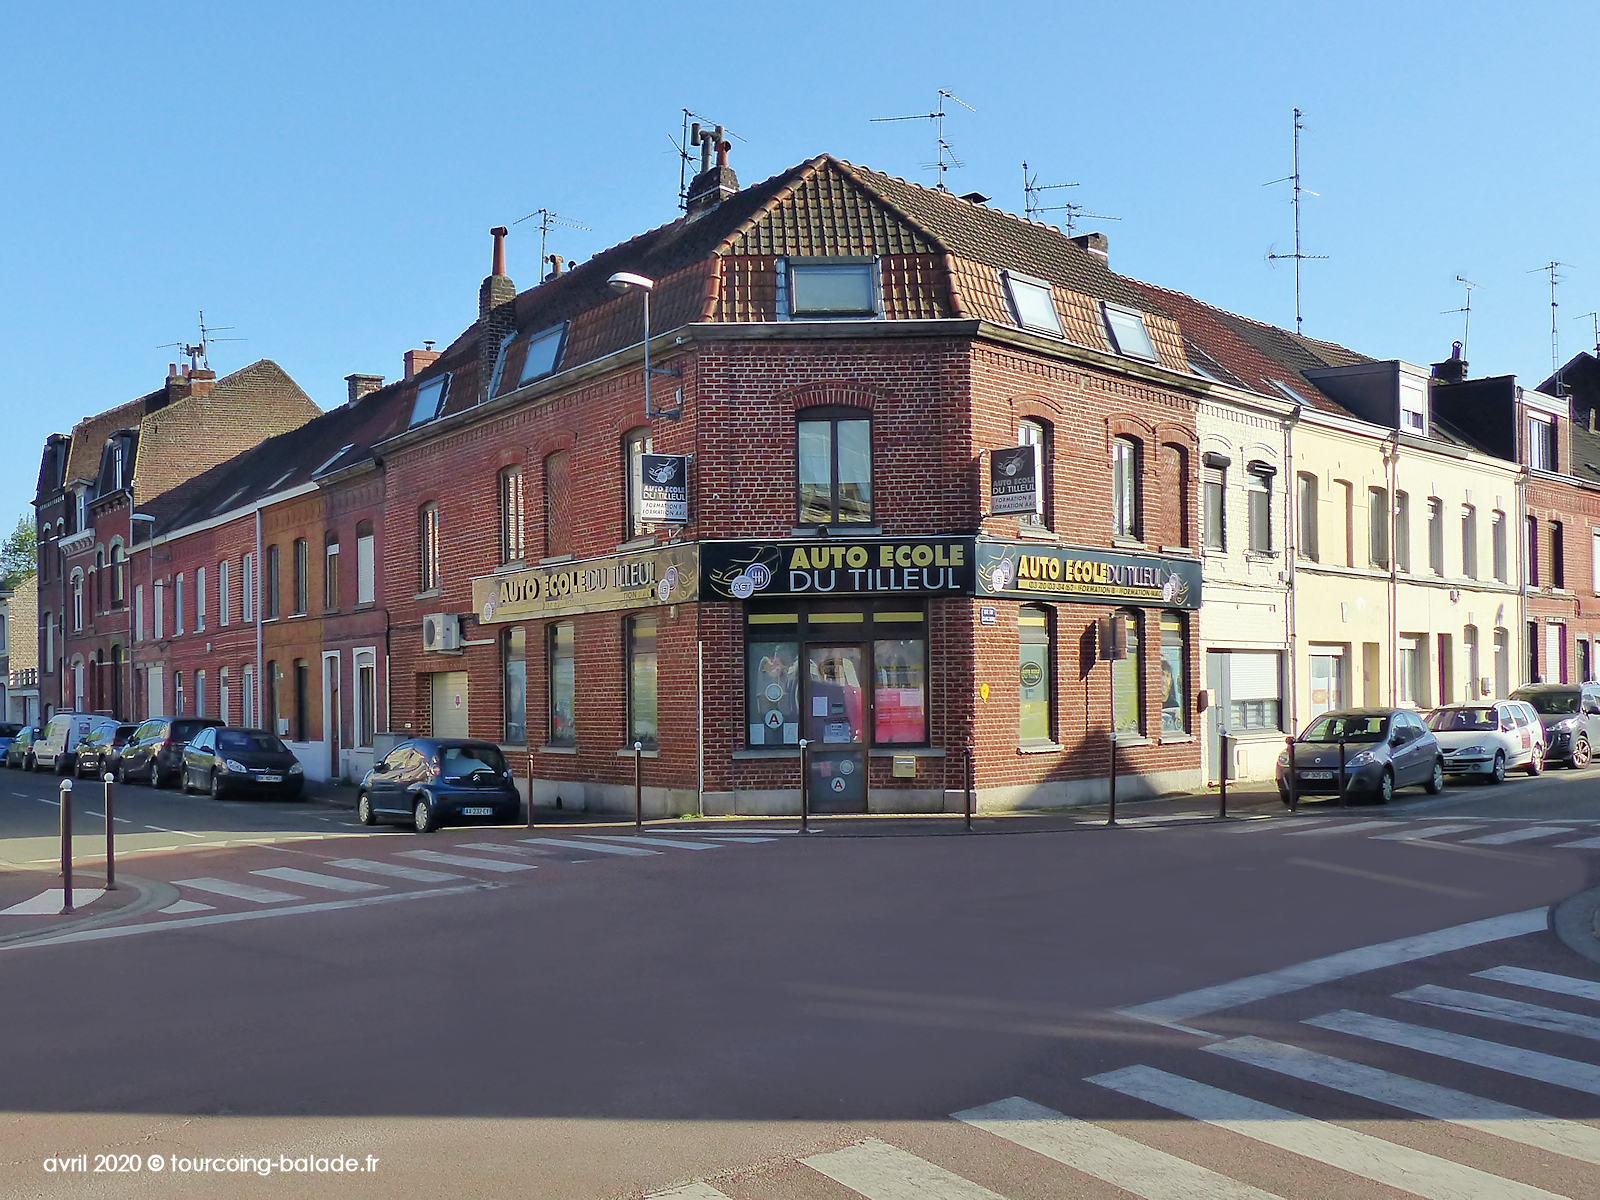 Auto École du Tilleul, Tourcoing 2020